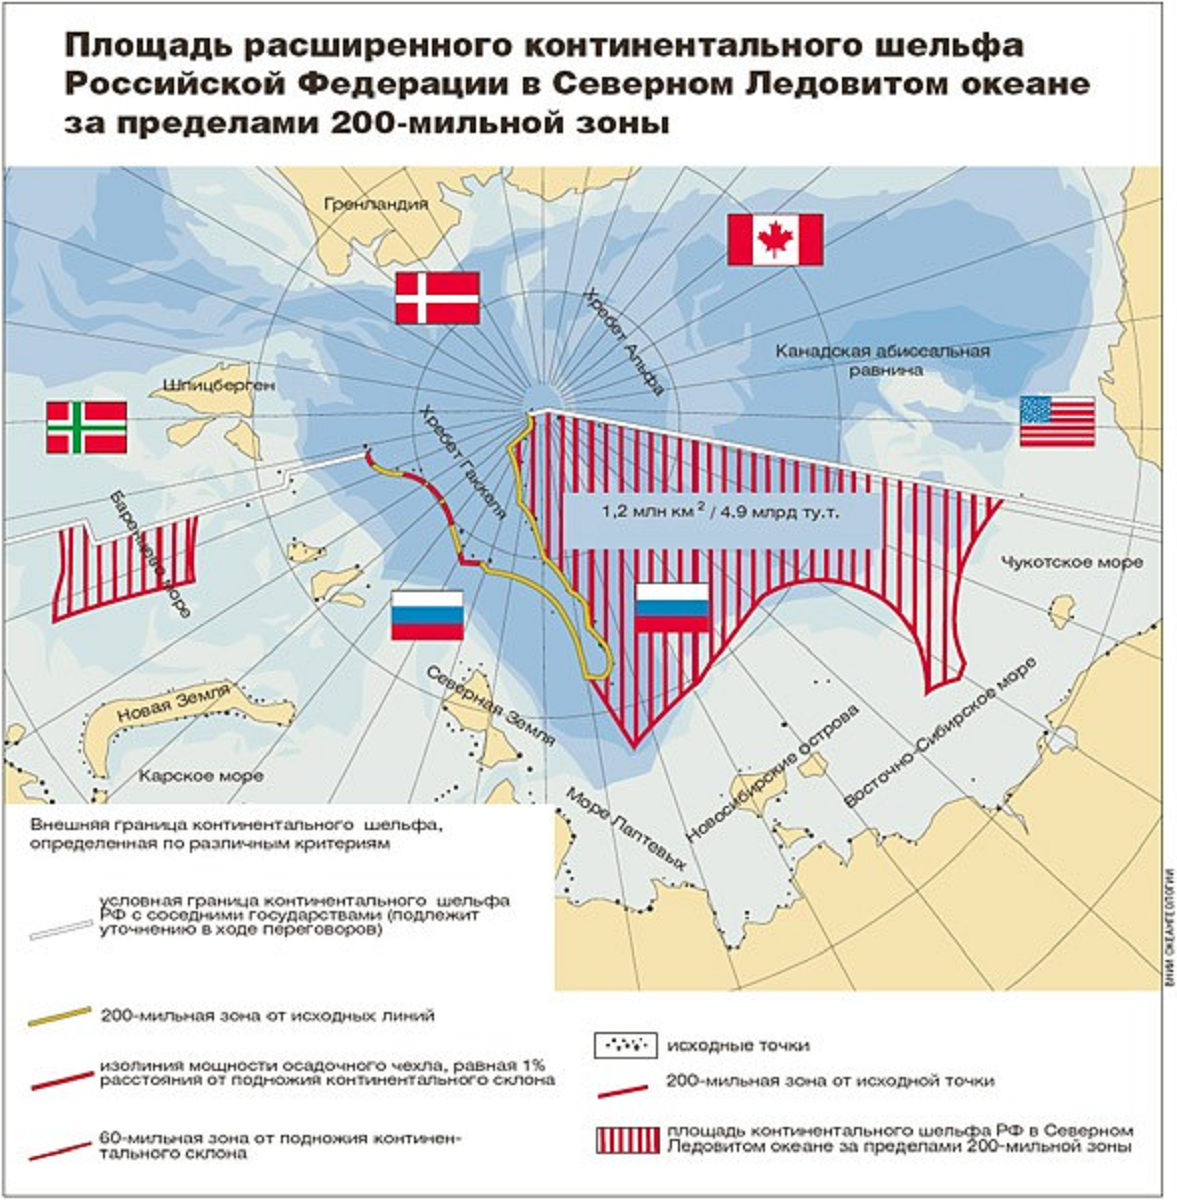 ООН признала новые границы России, открыв доступ к огромным запасам нефти и газа